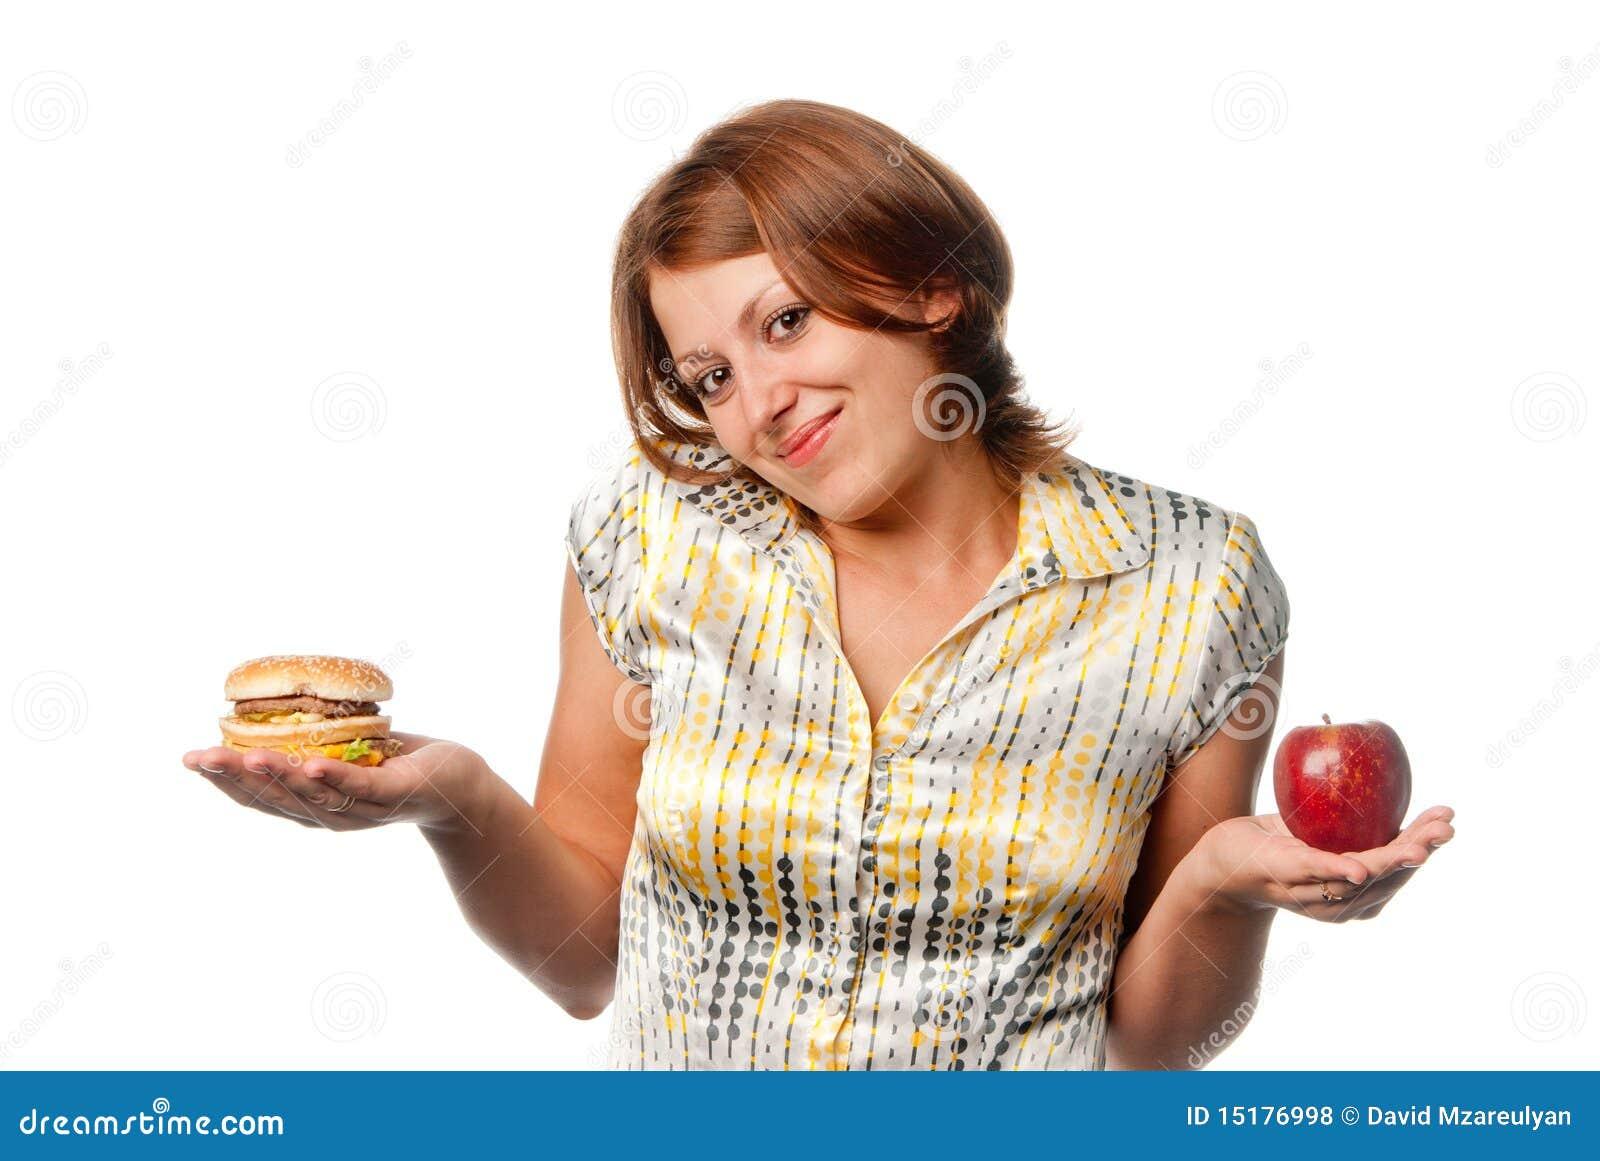 Το κορίτσι επιλέγεται μεταξύ του μήλου και του χάμπουργκερ